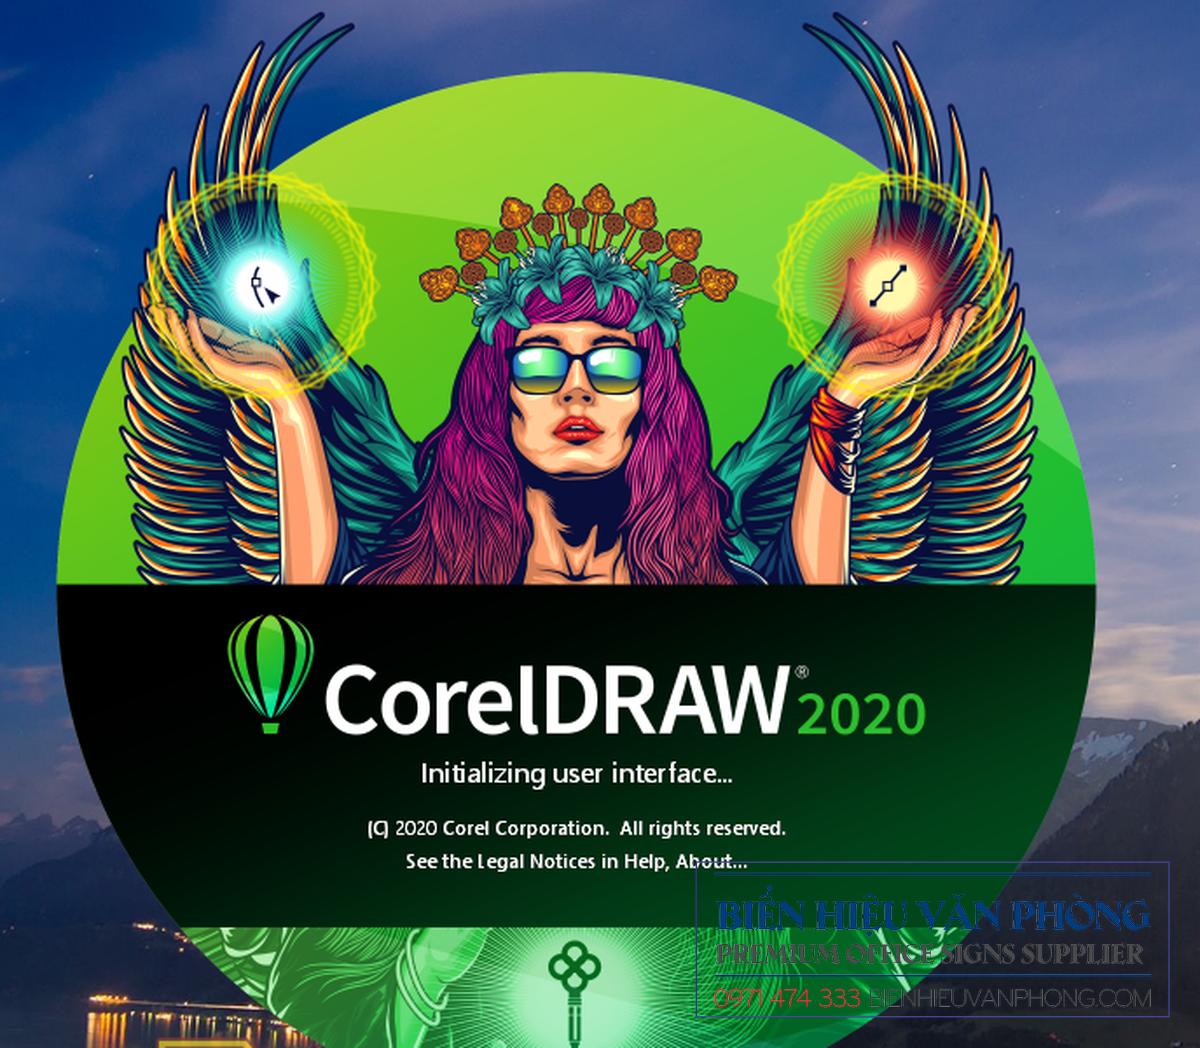 TẢI, DOWNLOAD PHẦN MỀM CORELDRAW 2020 FULL KEY KHÔNG CẦN CRACK